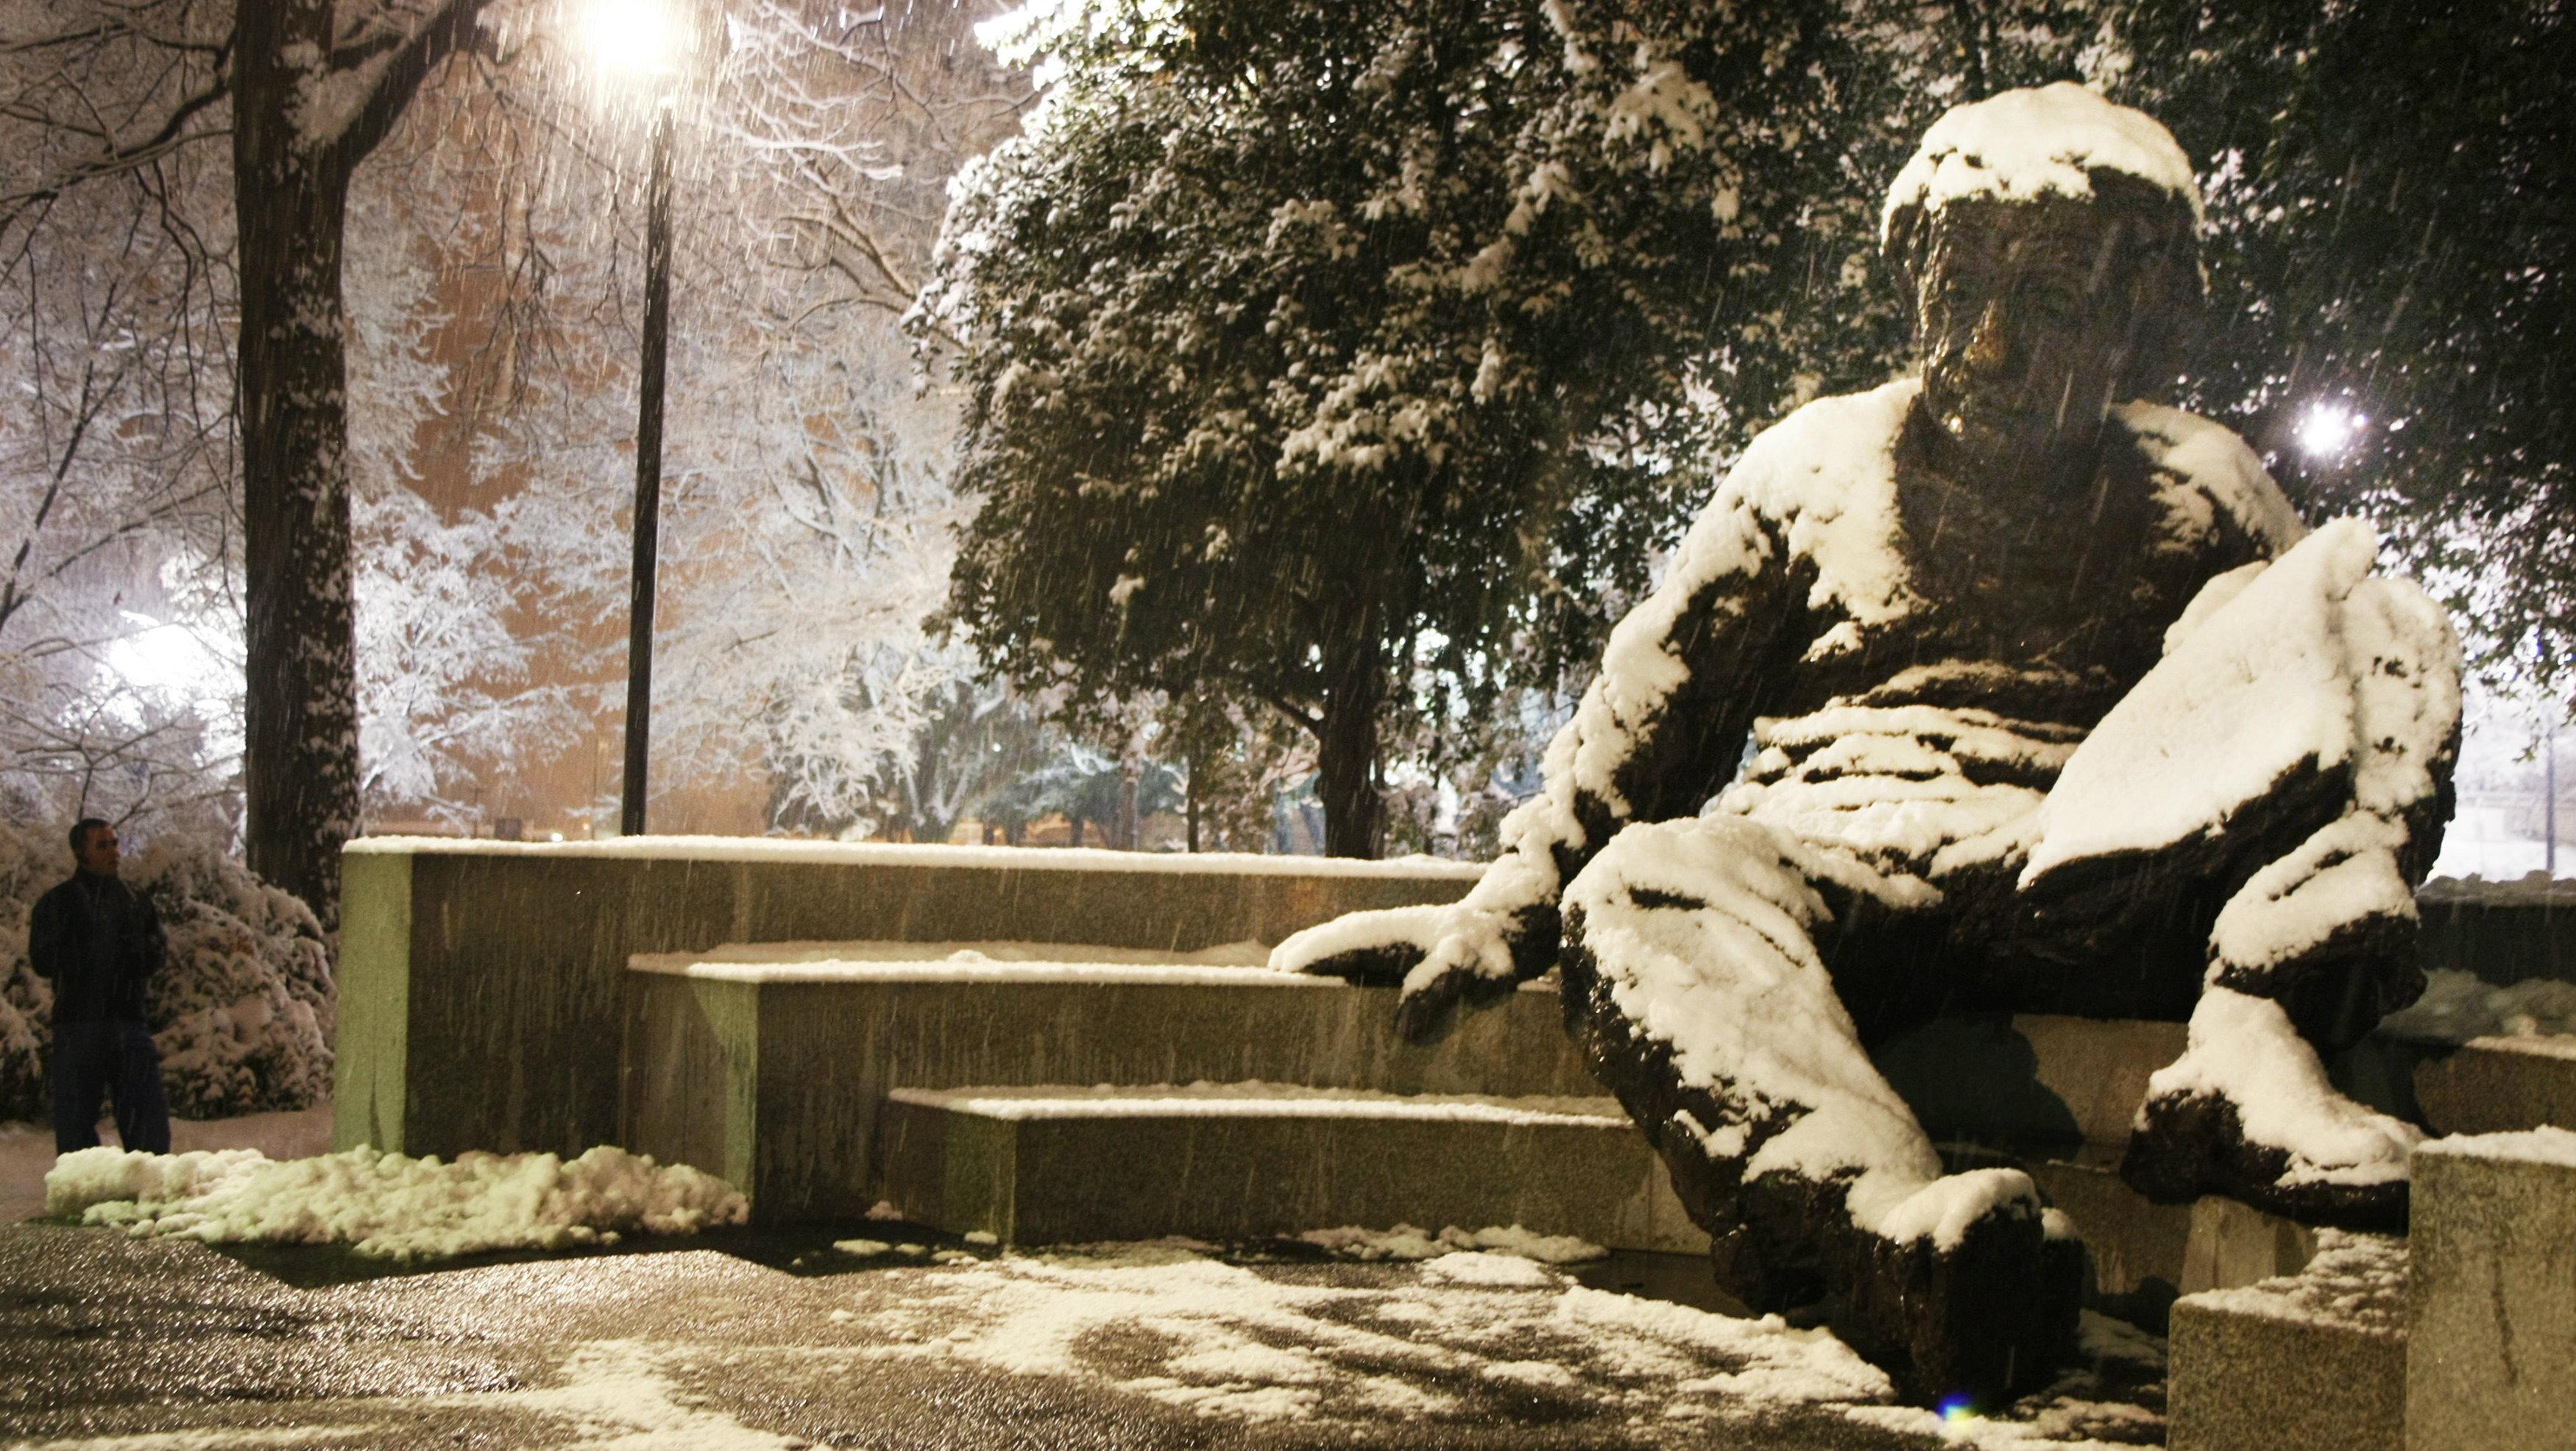 Einstein statue in the snow.